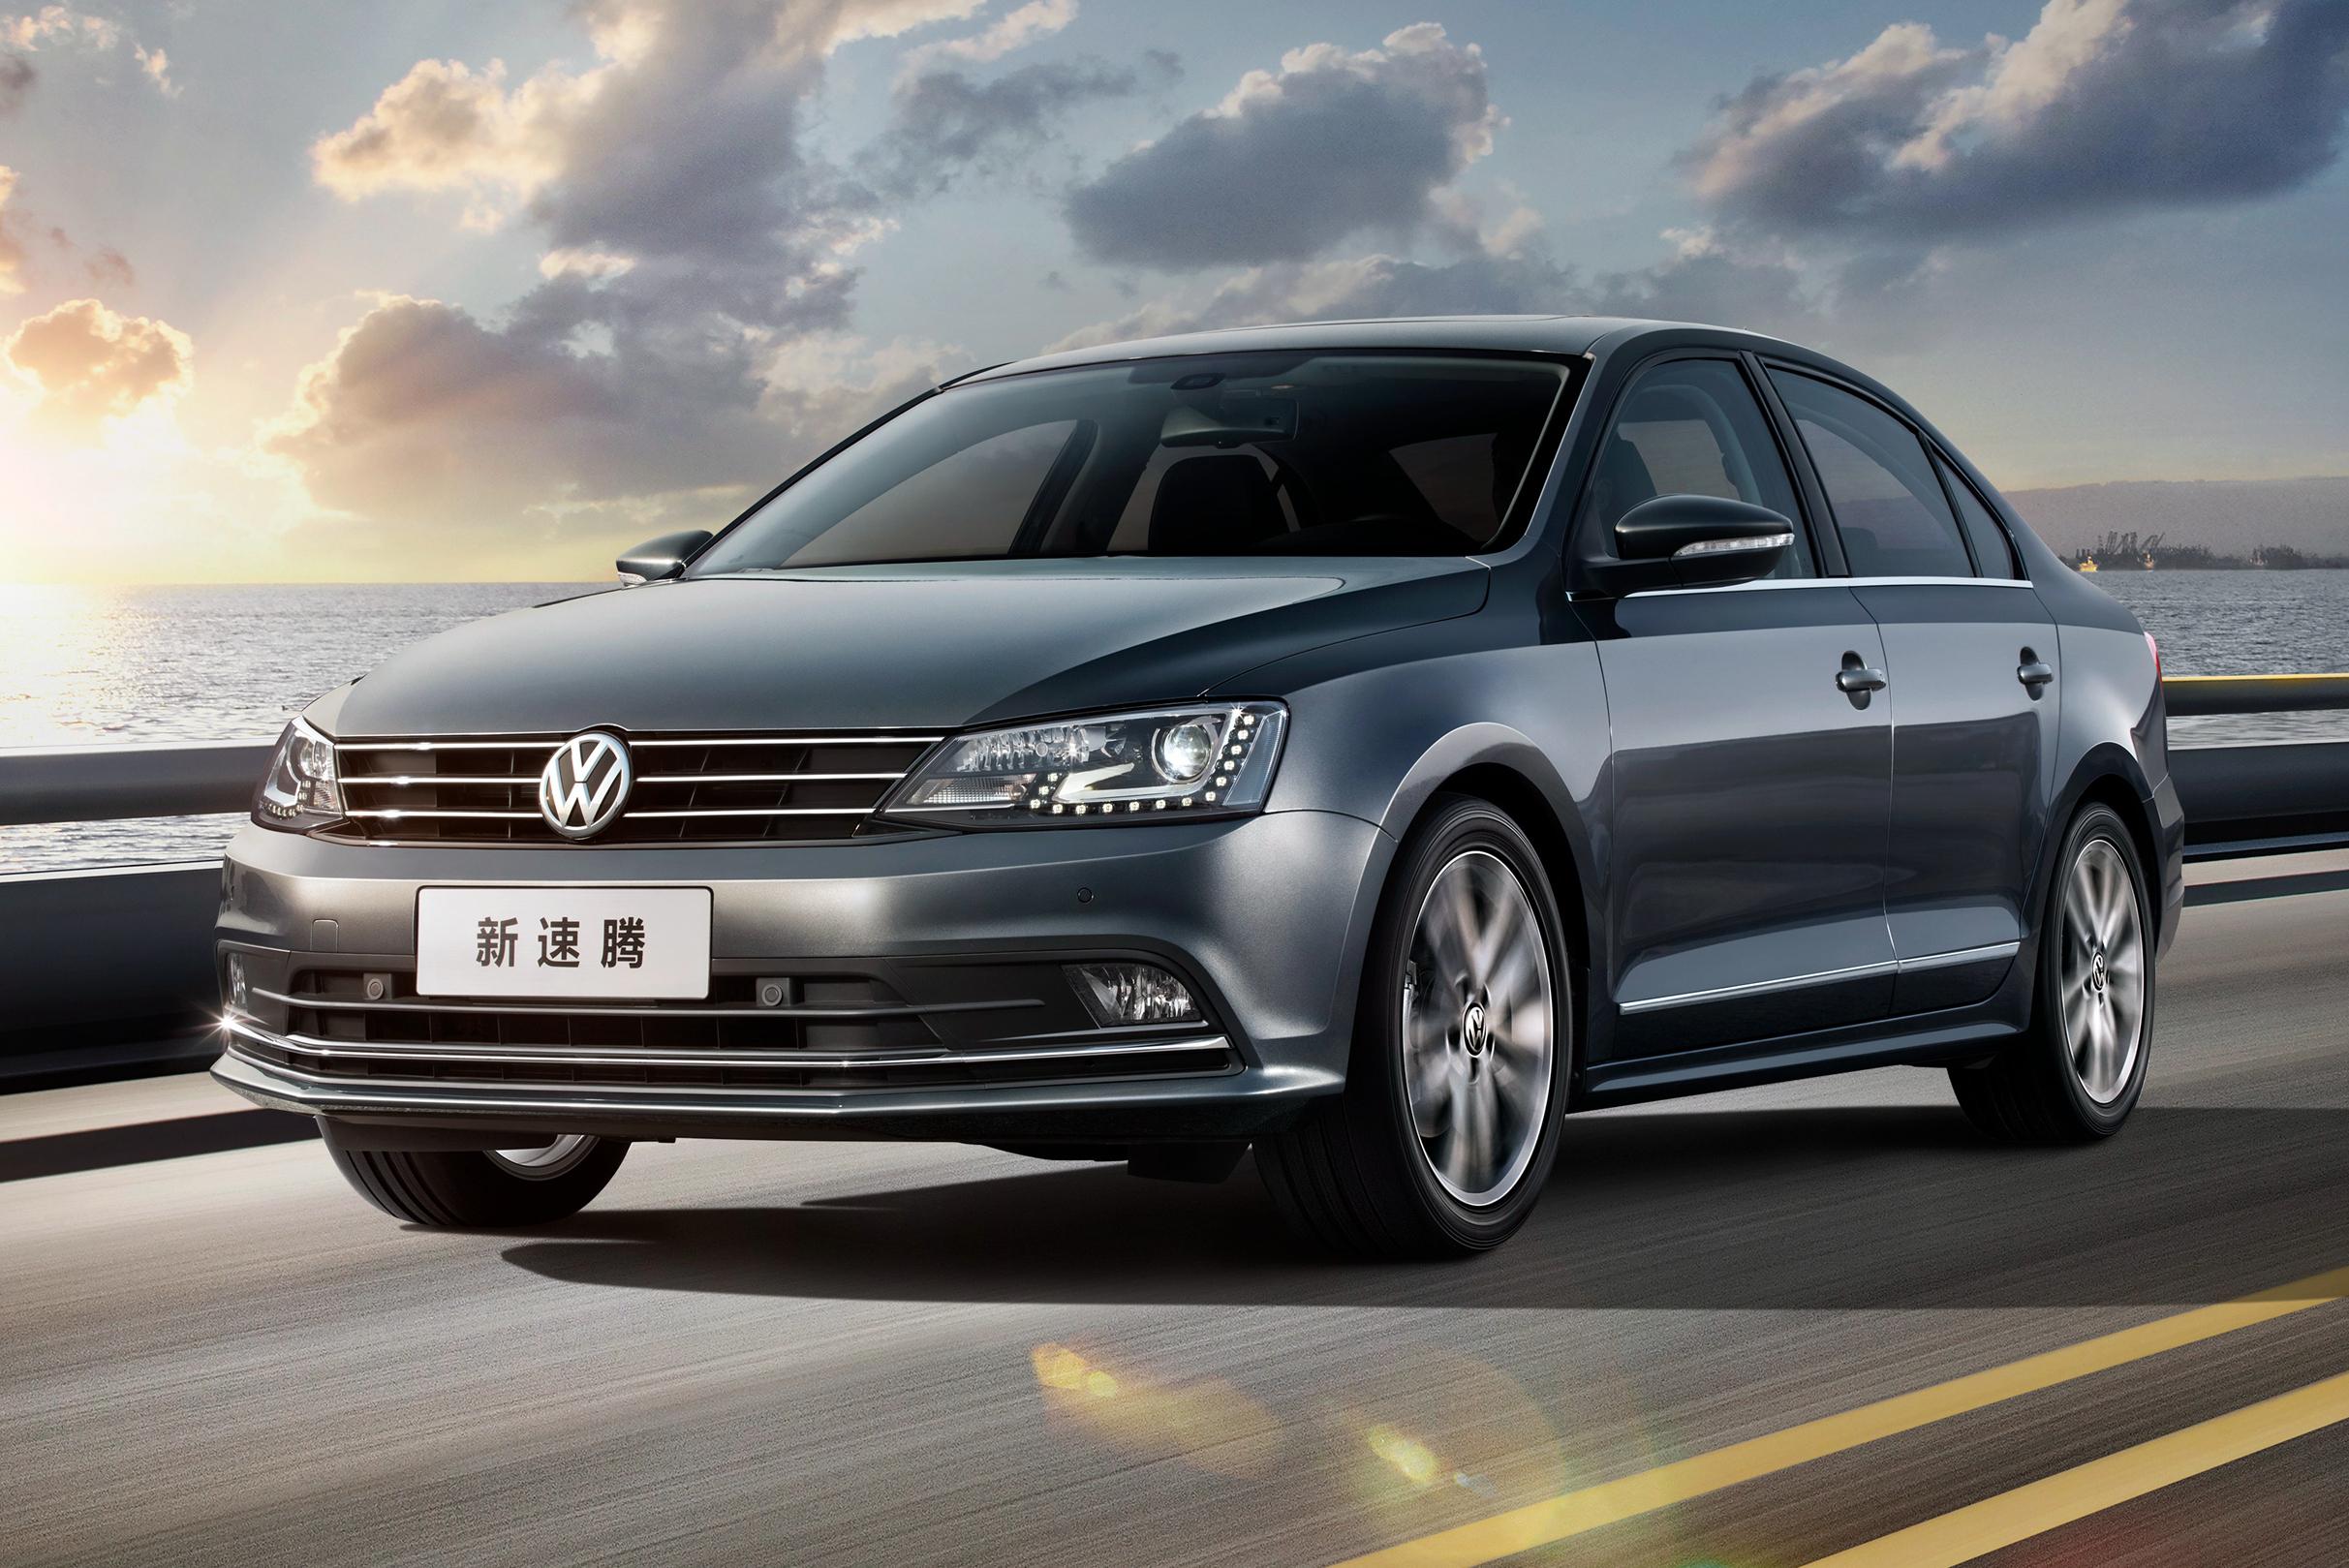 Volkswagen Sagitar